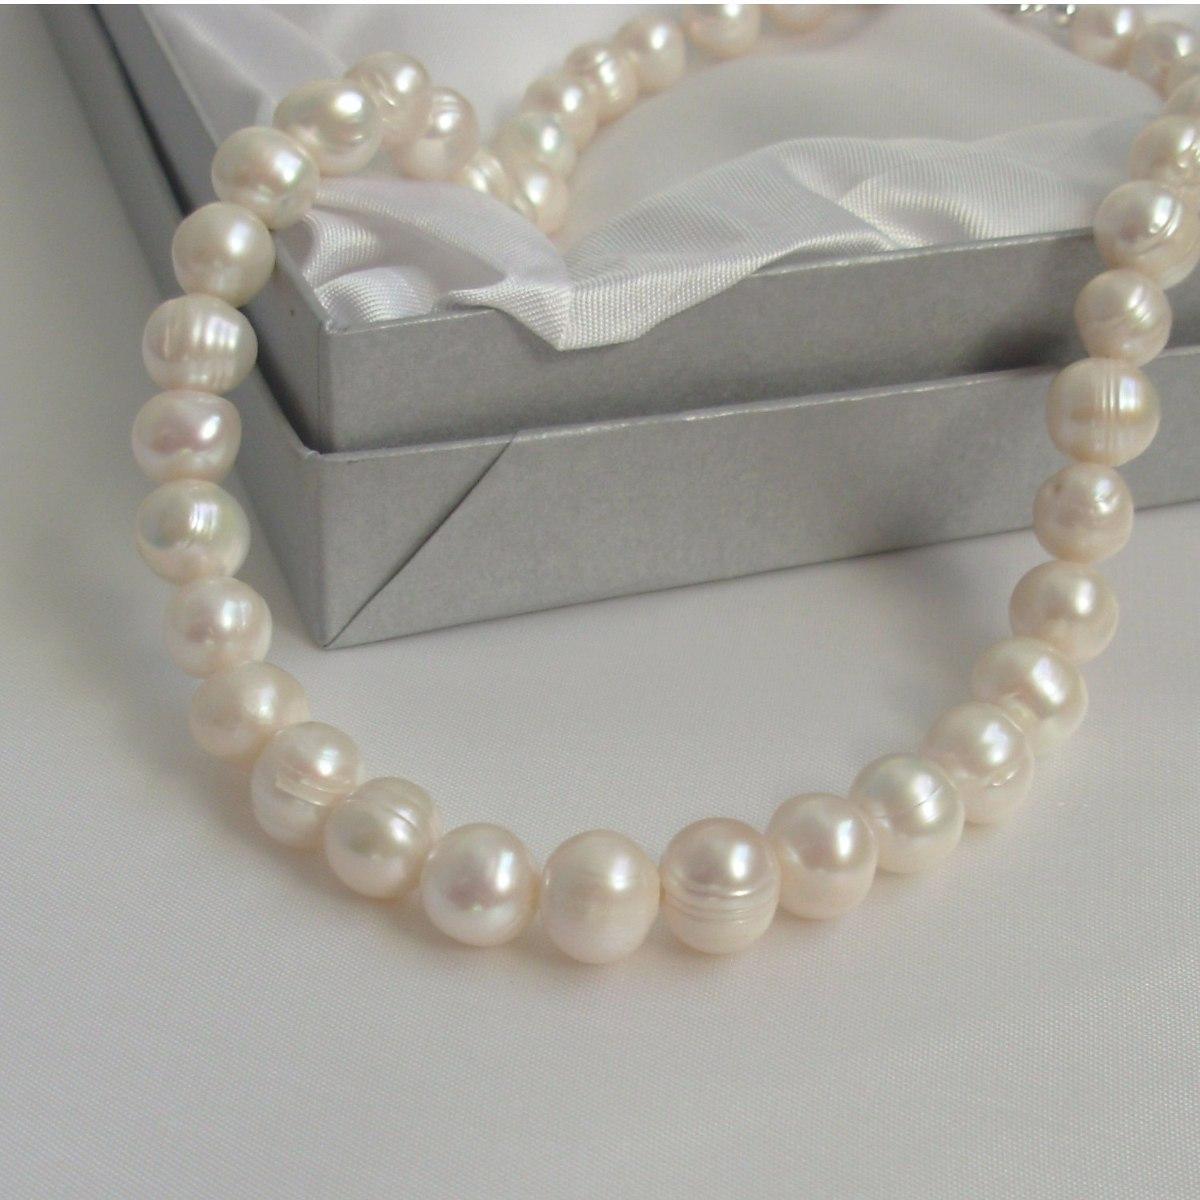 5ae83d082526 conjunto de perlas naturales cultivadas y plata. Cargando zoom.